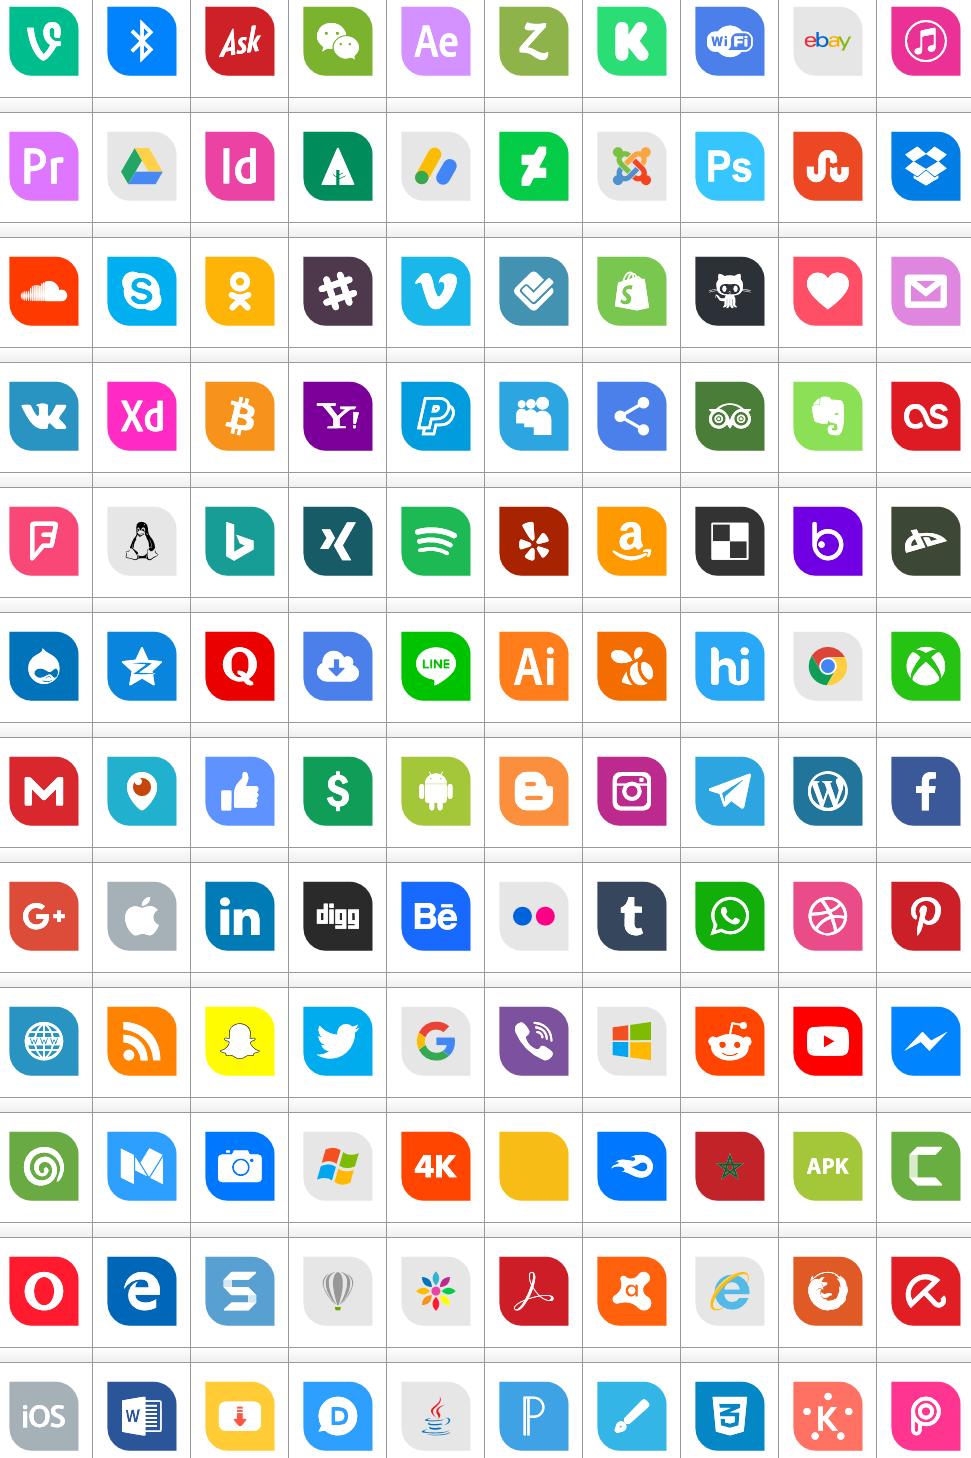 Download Font Icons Social Media 1 Color font ttf otf 120 icons elharrak fonts 2019